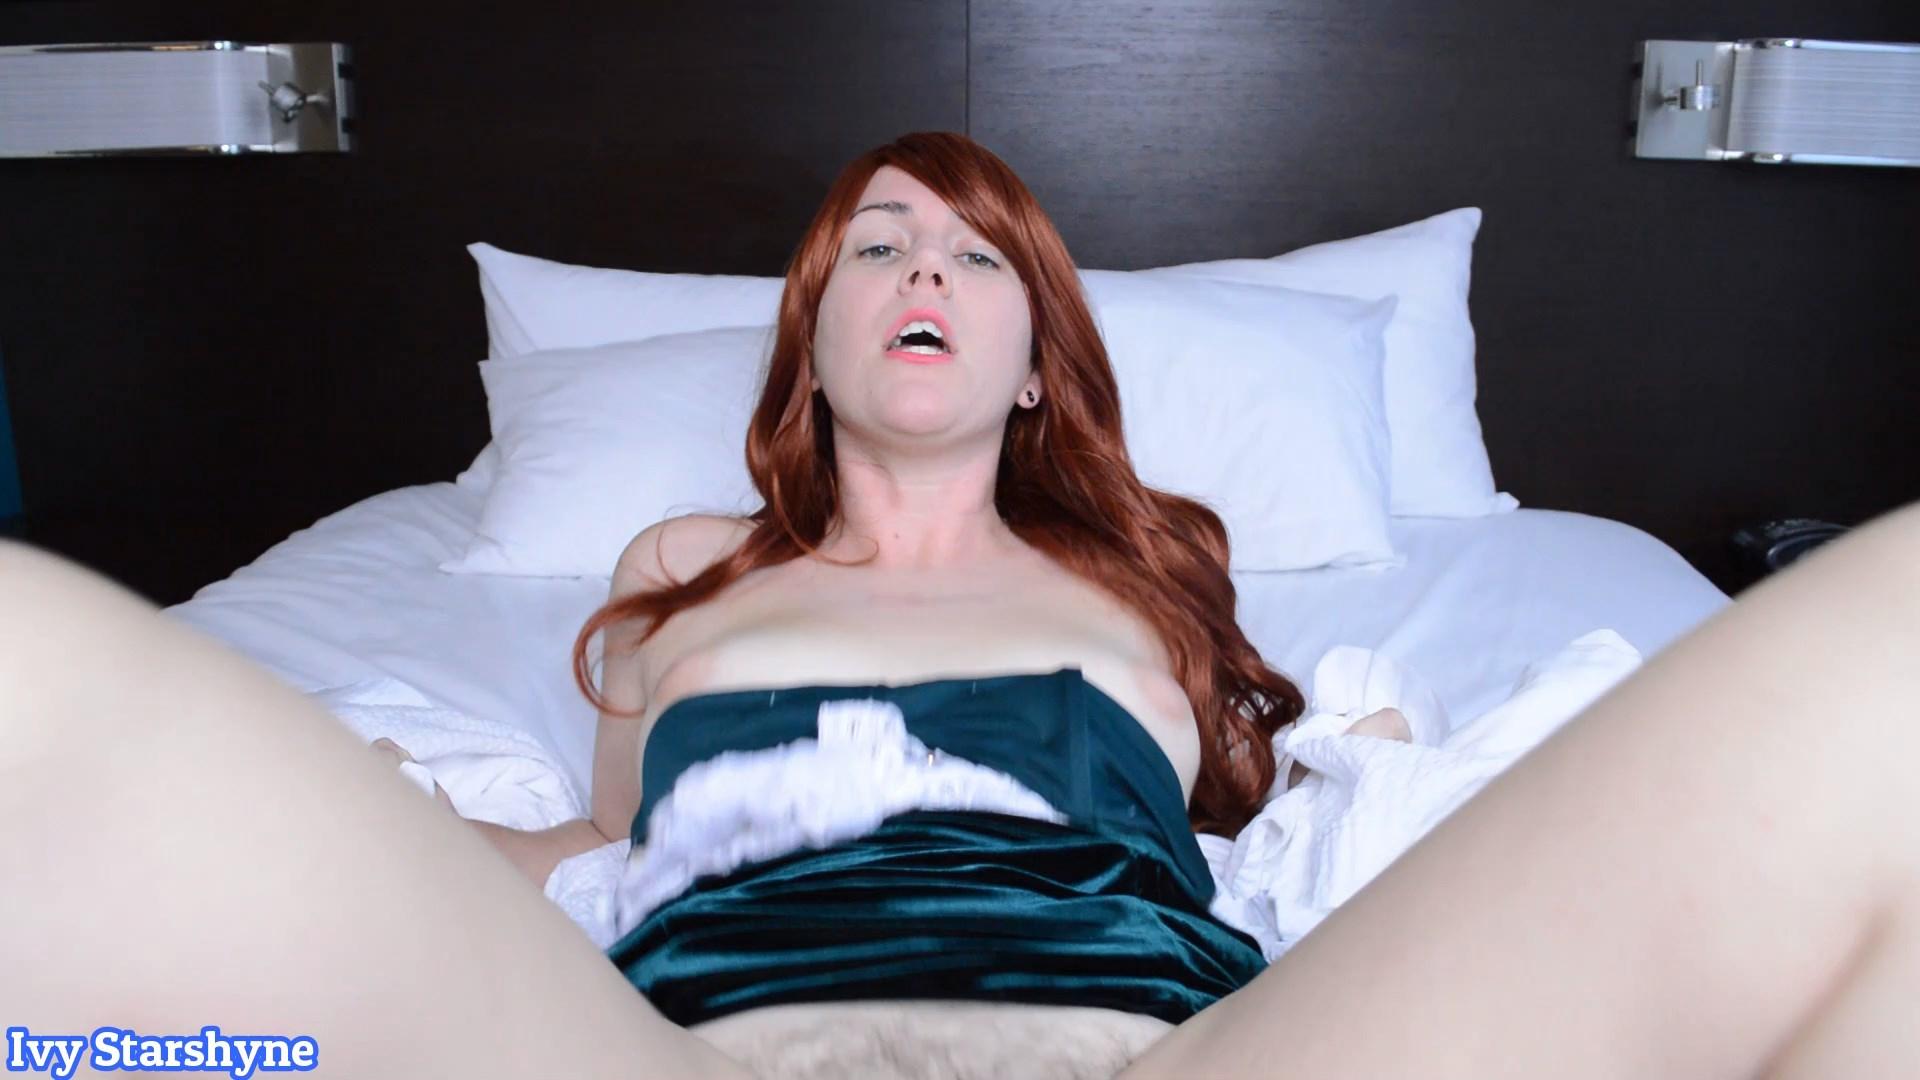 Ivy Starshyne - Super Slut Mom